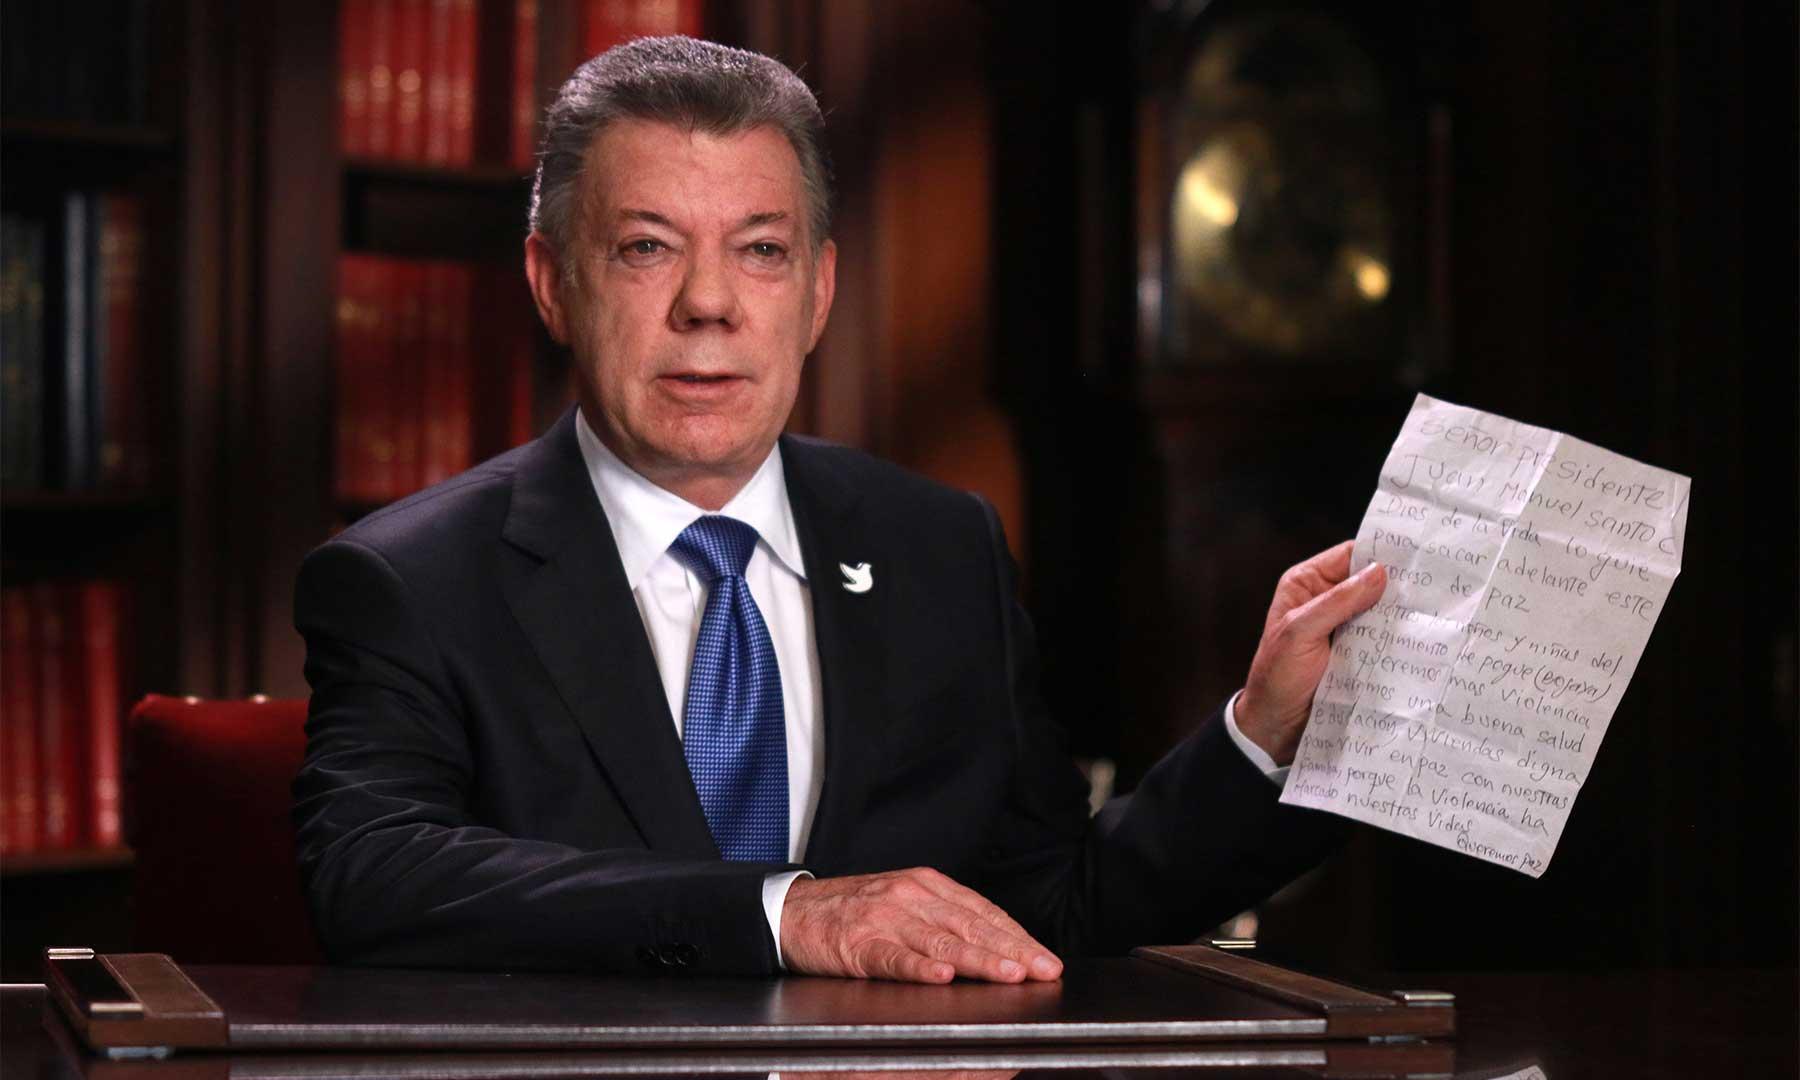 Durante la alocución sobre el inicio de la fase pública de los diálogos con el ELN, el Presidente mostró la carta que le entregó la niña Camila, a nombre de los niños de Pogue (Bojayá), en la que expresan su deseo de paz.